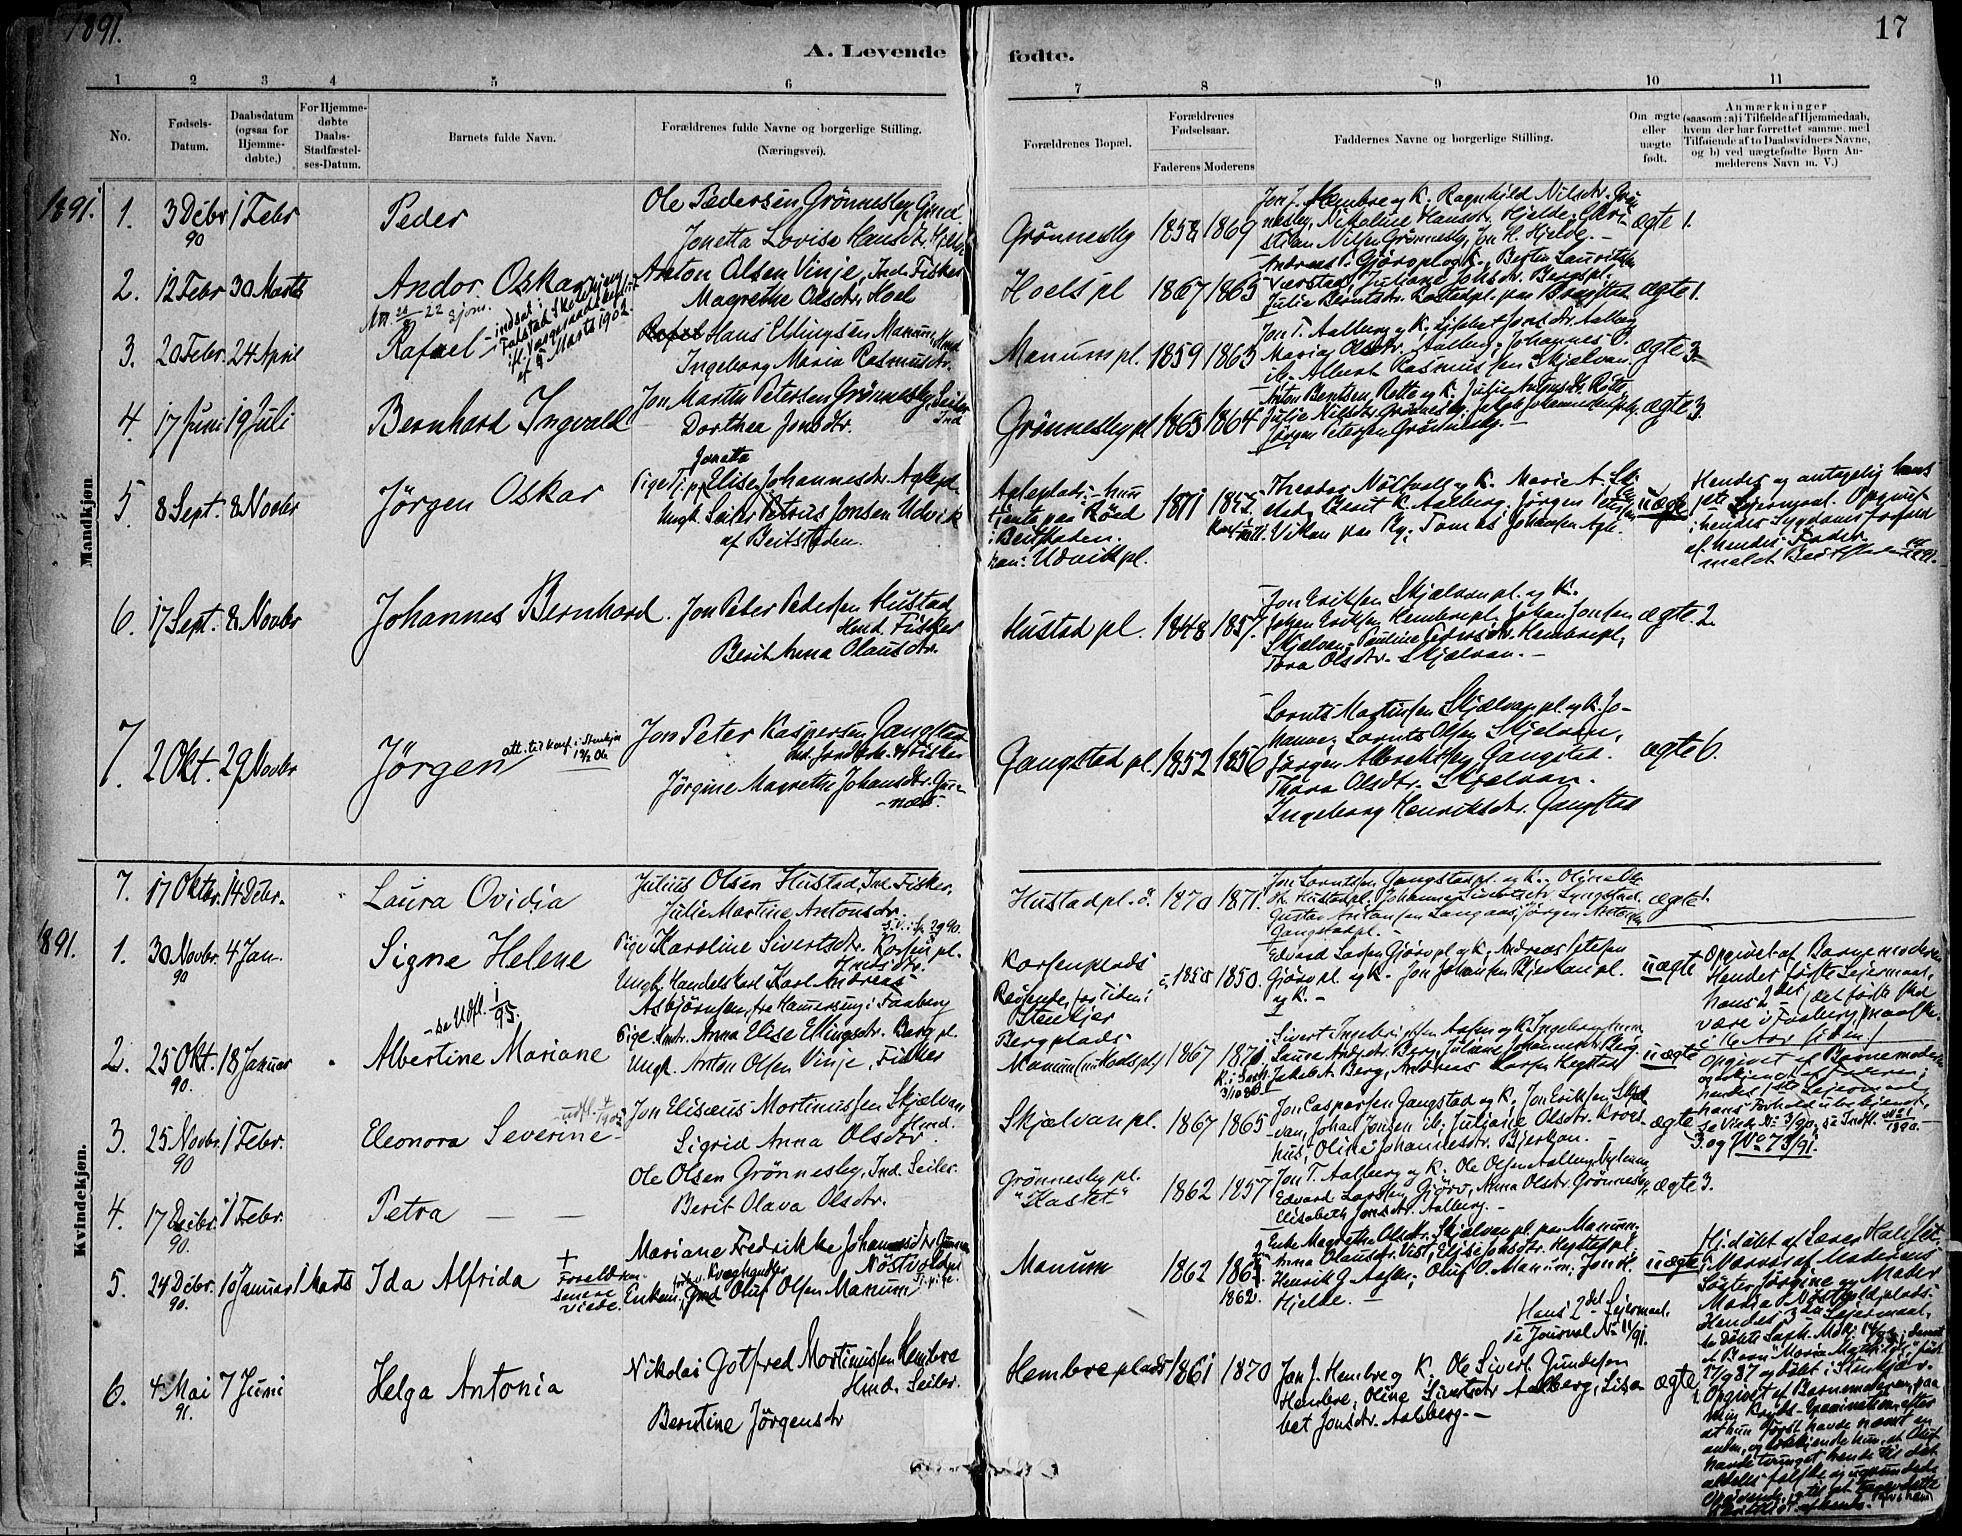 SAT, Ministerialprotokoller, klokkerbøker og fødselsregistre - Nord-Trøndelag, 732/L0316: Ministerialbok nr. 732A01, 1879-1921, s. 17